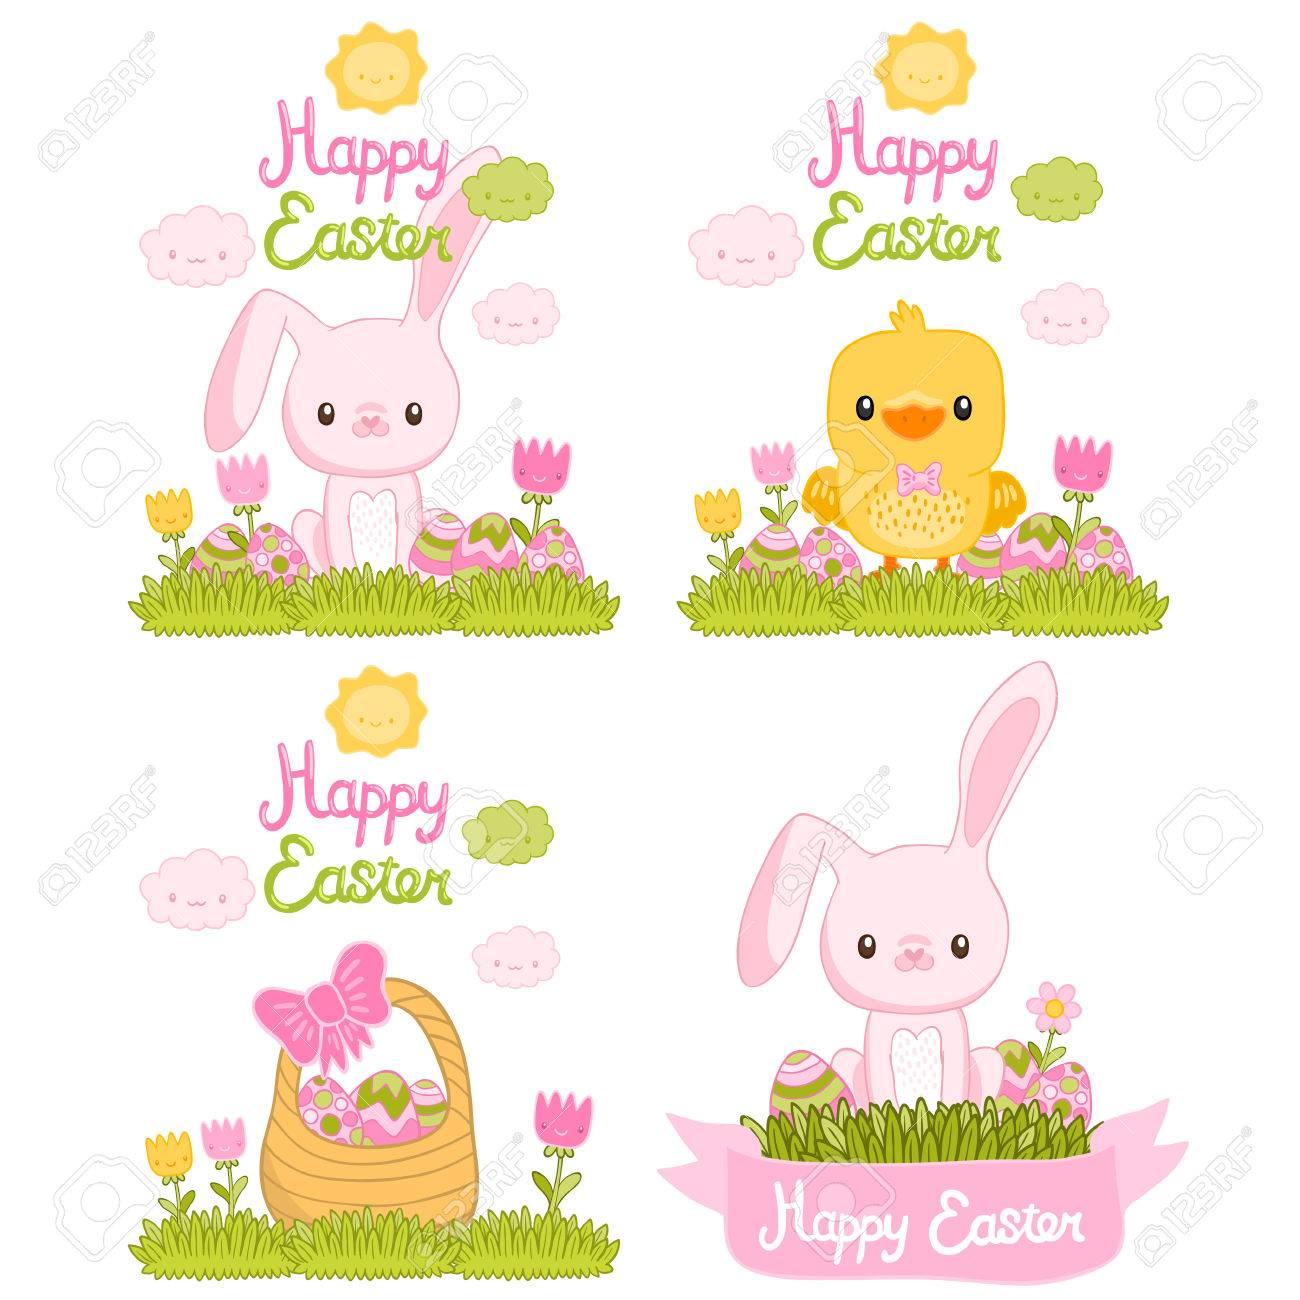 Frohe Ostern Gesetzt Mit Cartoon Niedlichen Häschen Hühner Eier